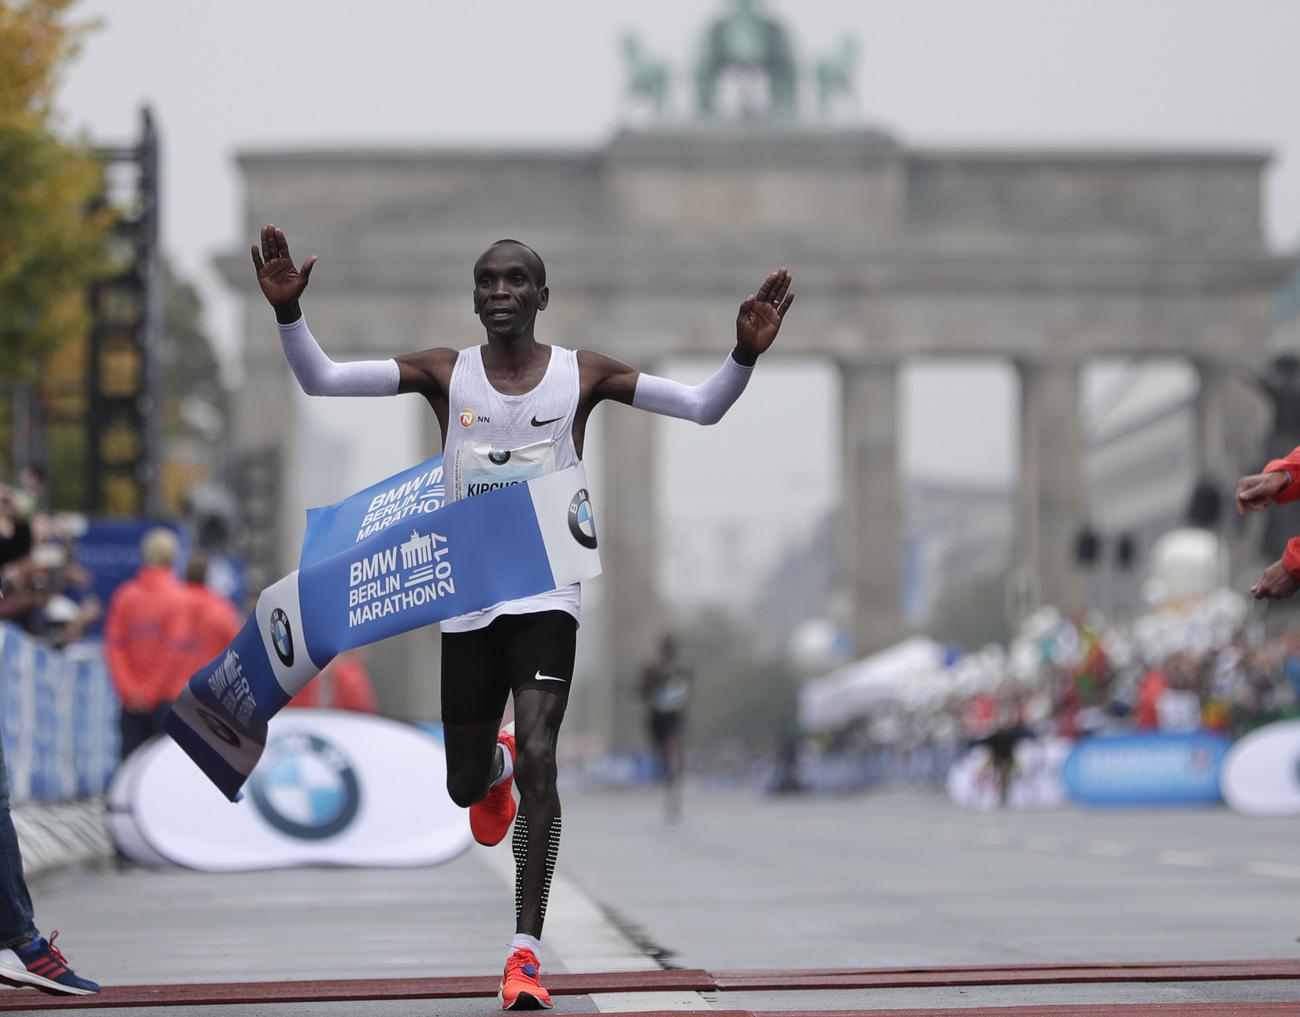 Kipchoge remporte le marathon mais ne bat pas le record — Berlin